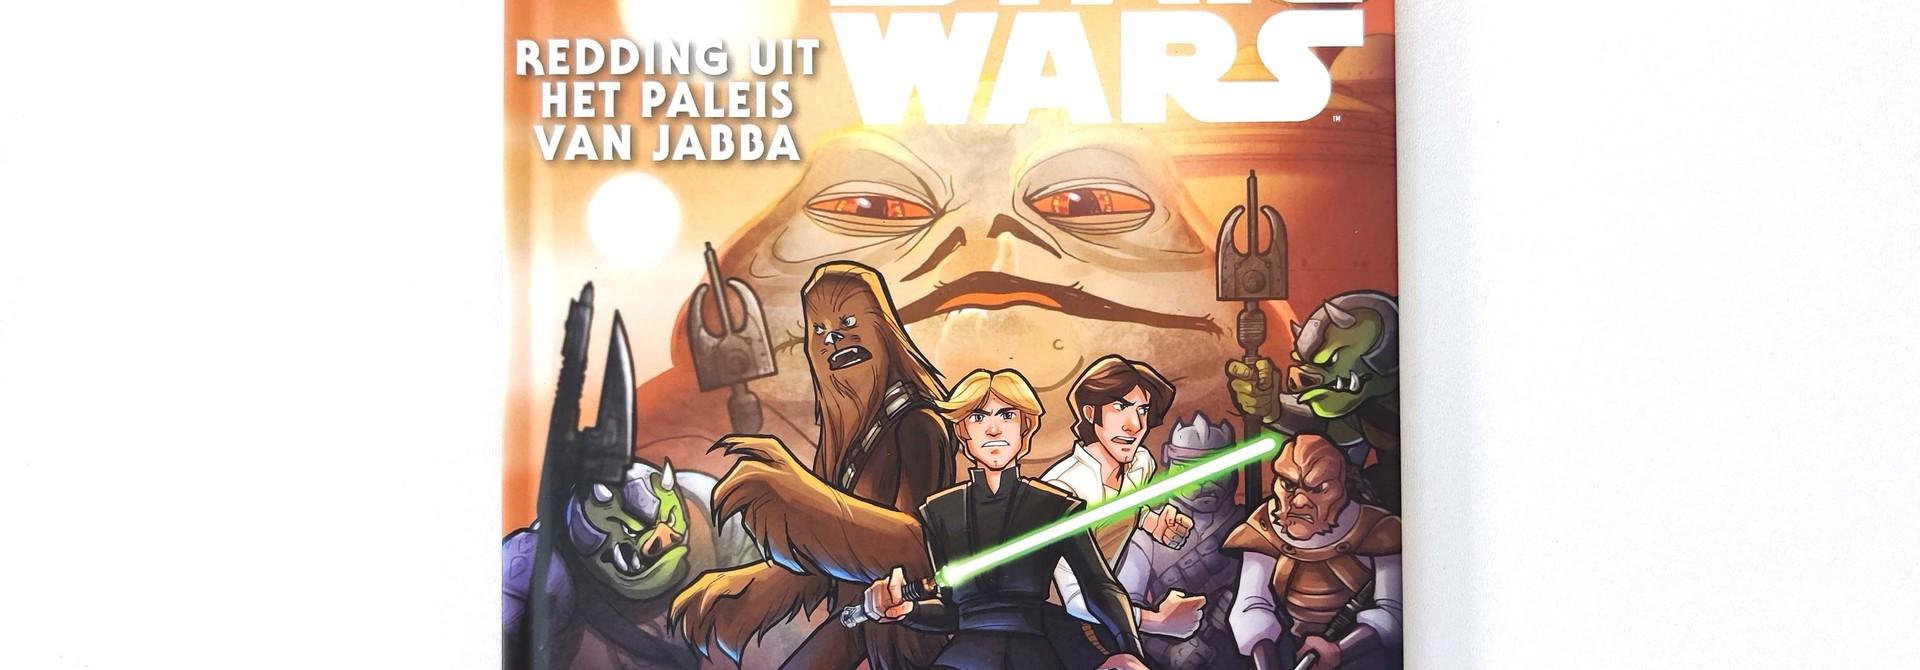 Leren lezen met Star Wars: redding uit het paleis van Jabba